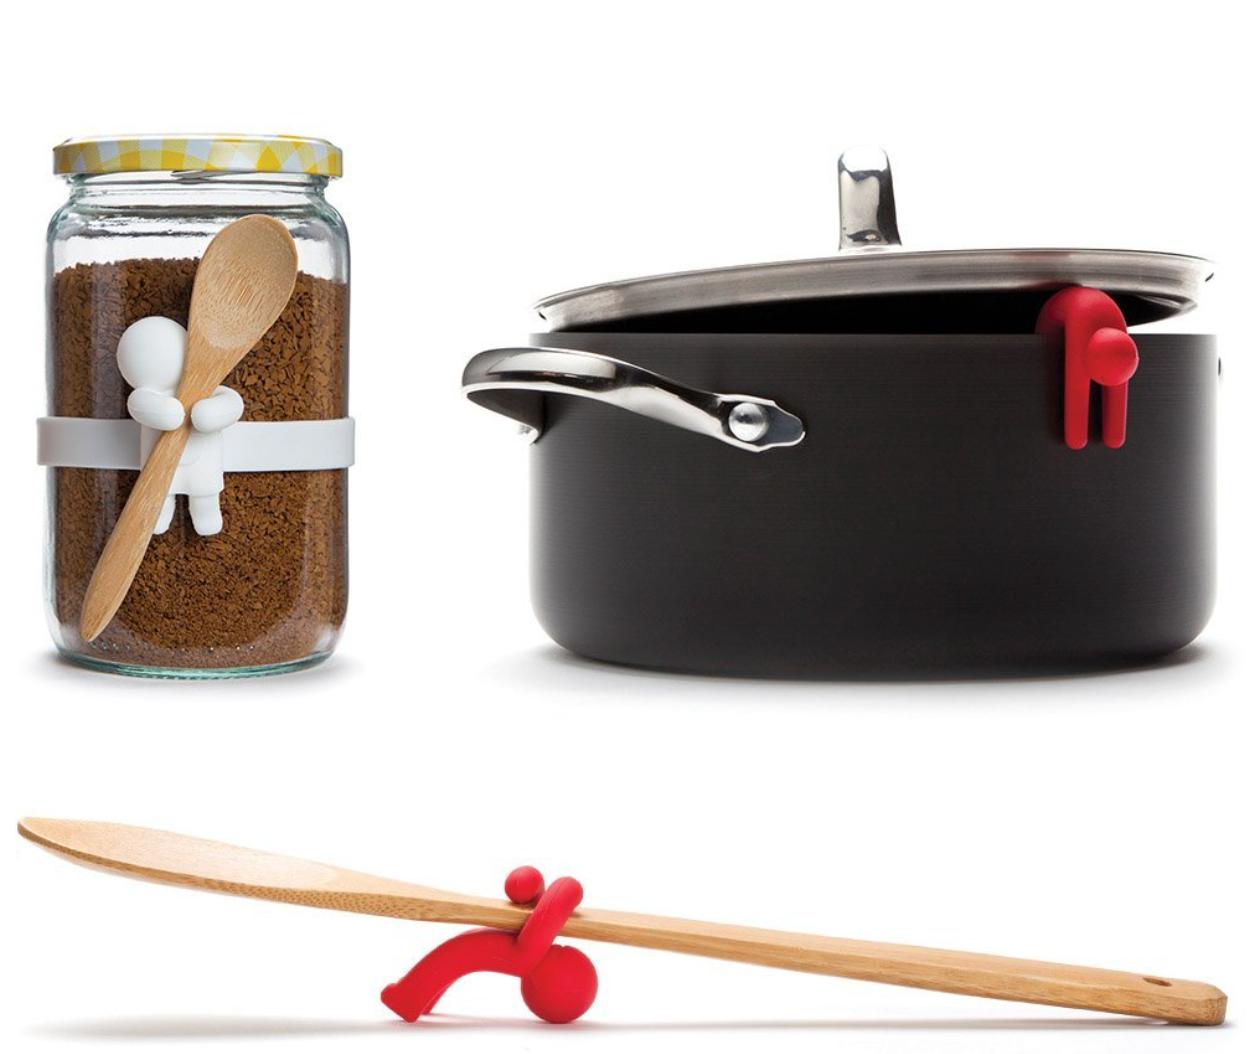 好物丨添置创意小物件,让有烟火气的厨房也能有格调